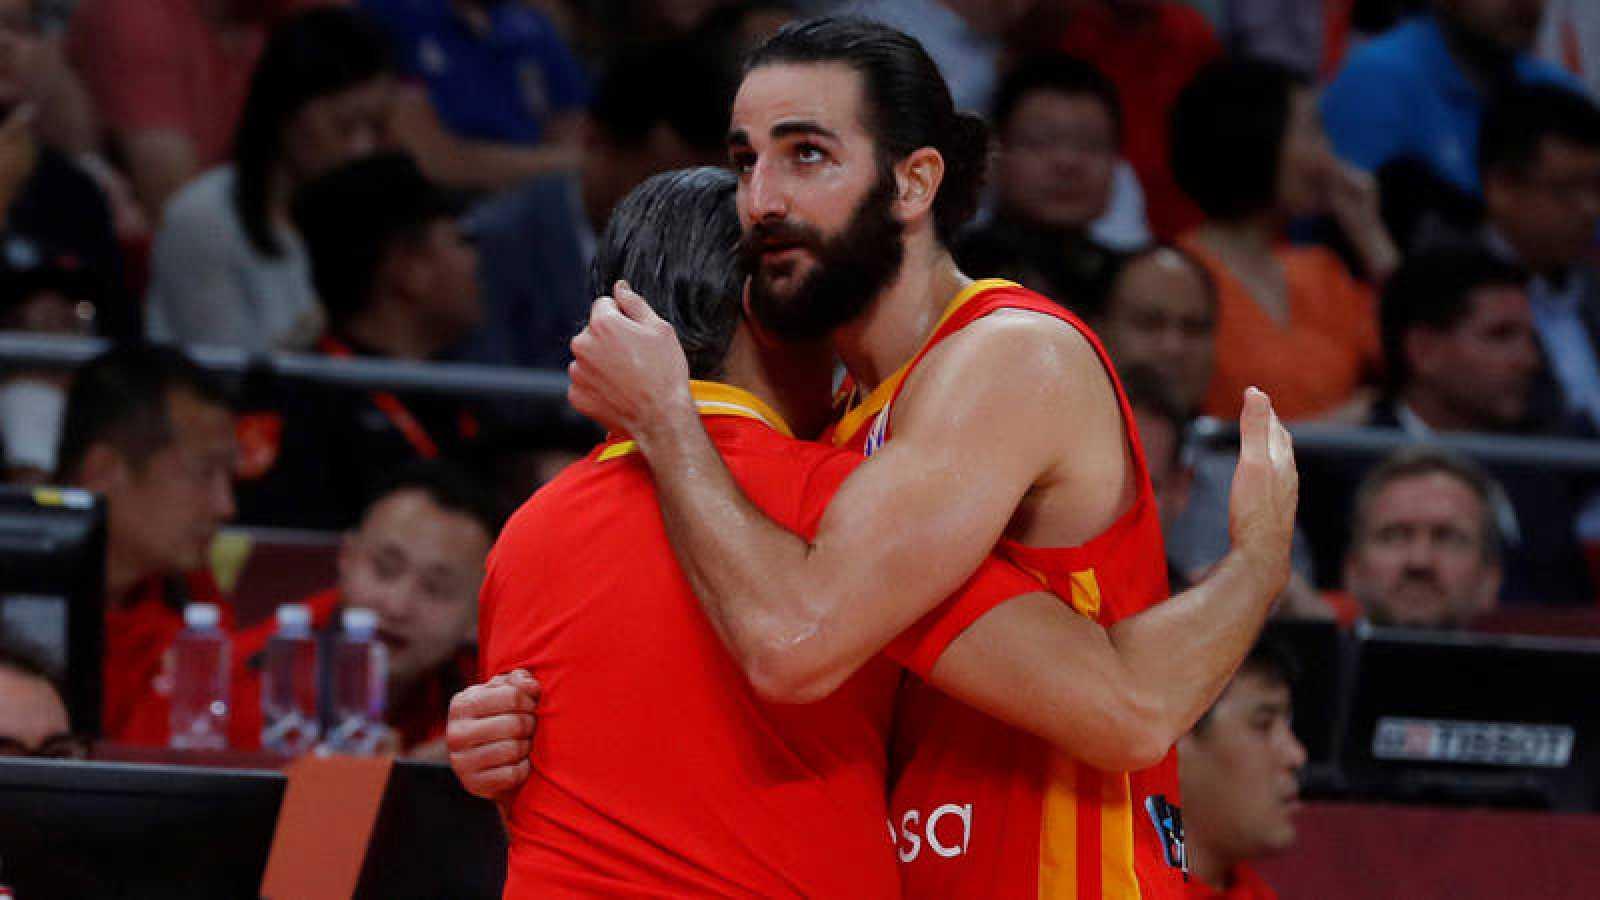 El 'MVP' del campeonato del mundo, Ricky Rubio, abraza al seleccionador, Sergio Scariolo